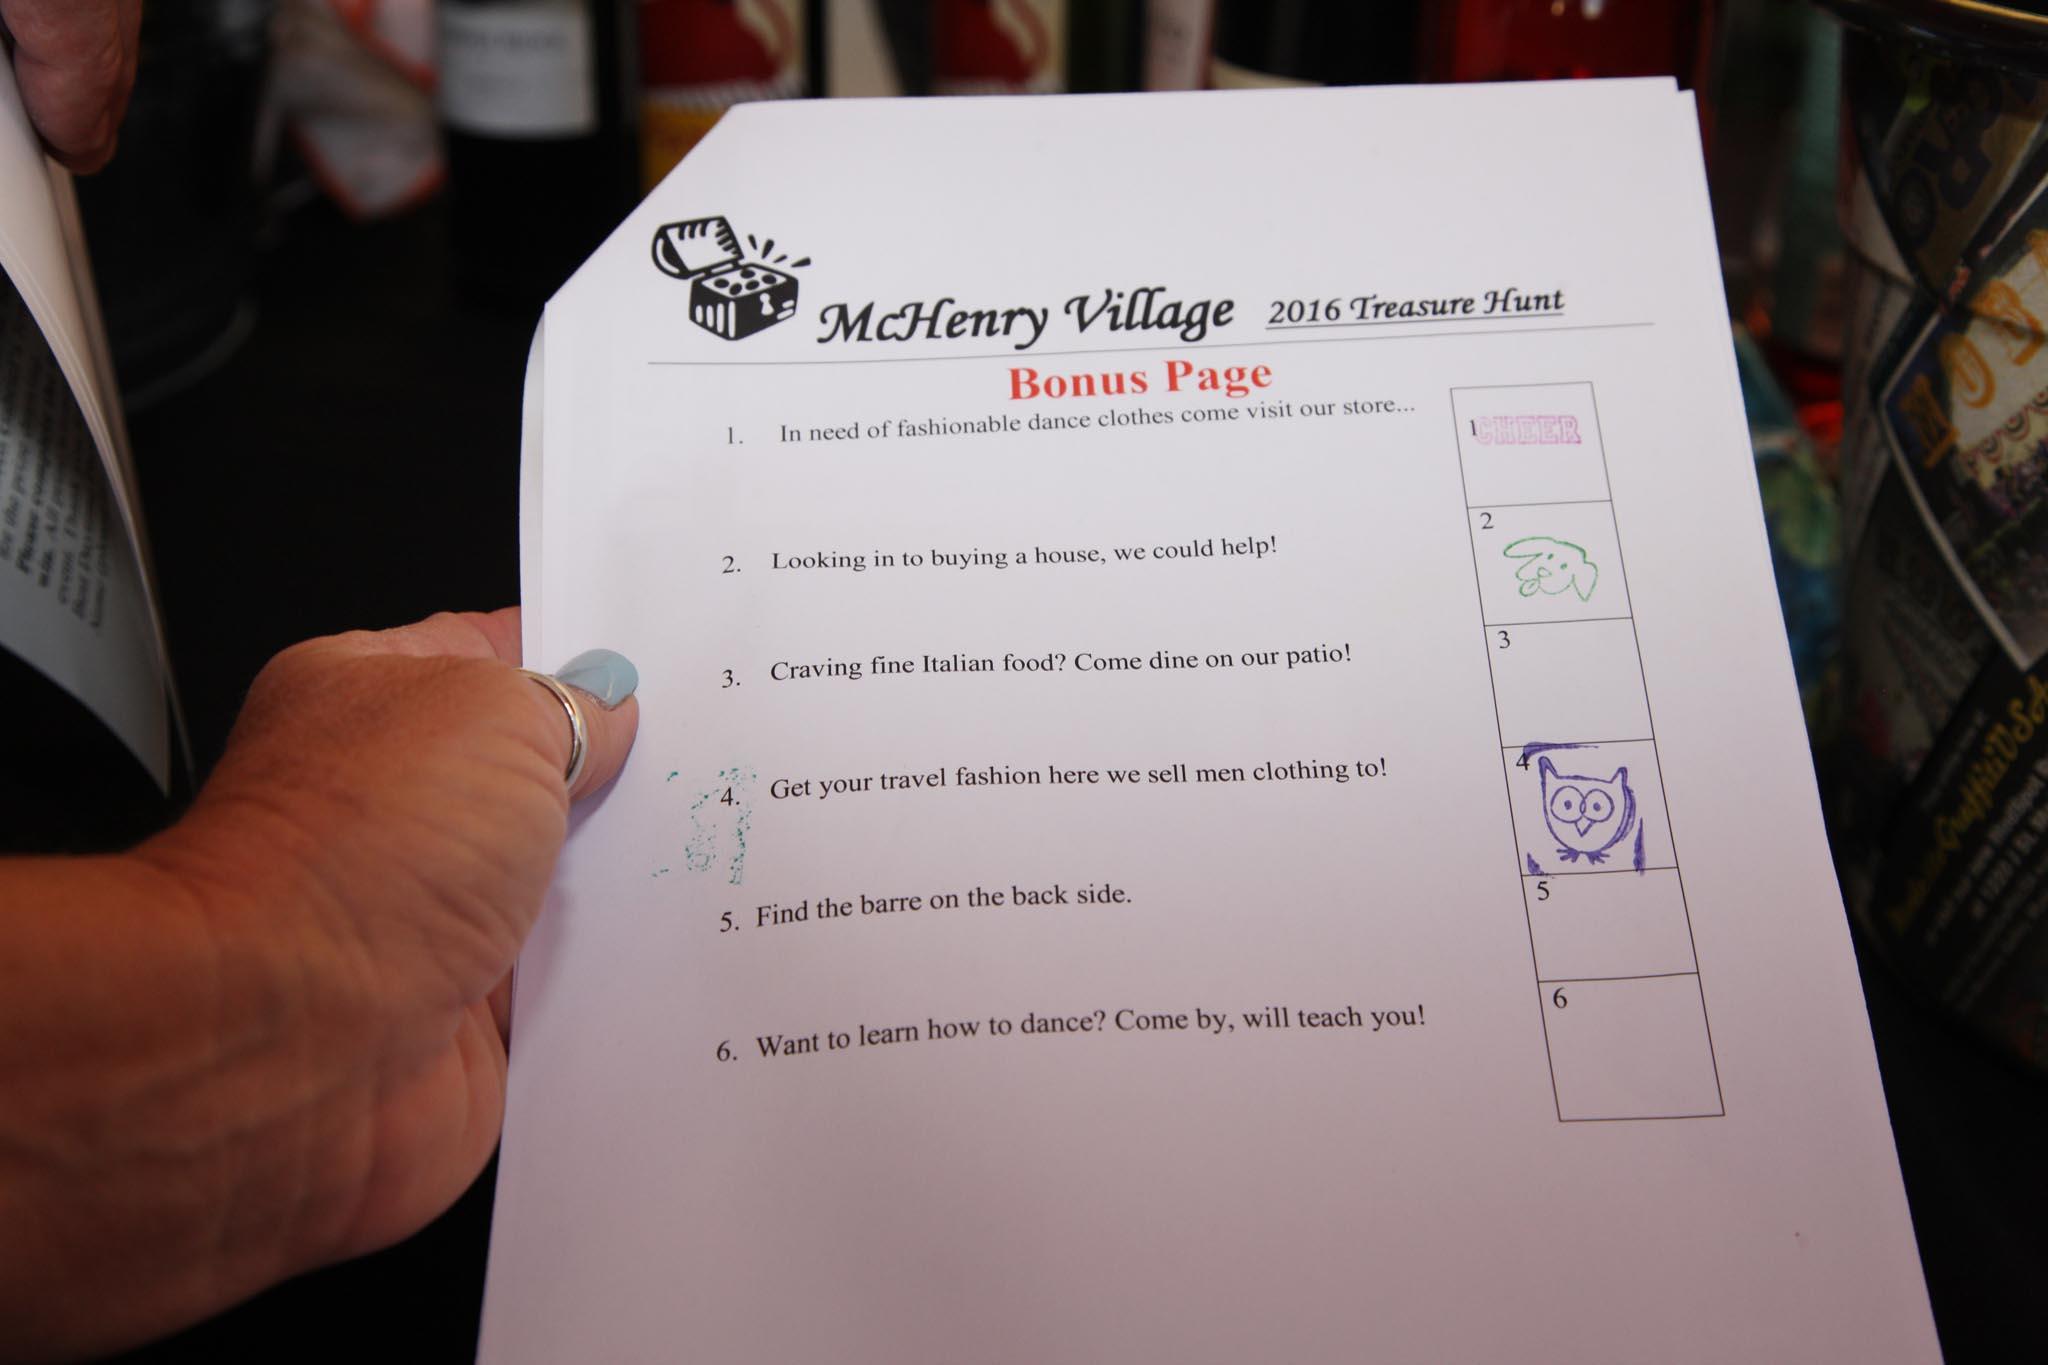 Taste of McHenry Village 2016